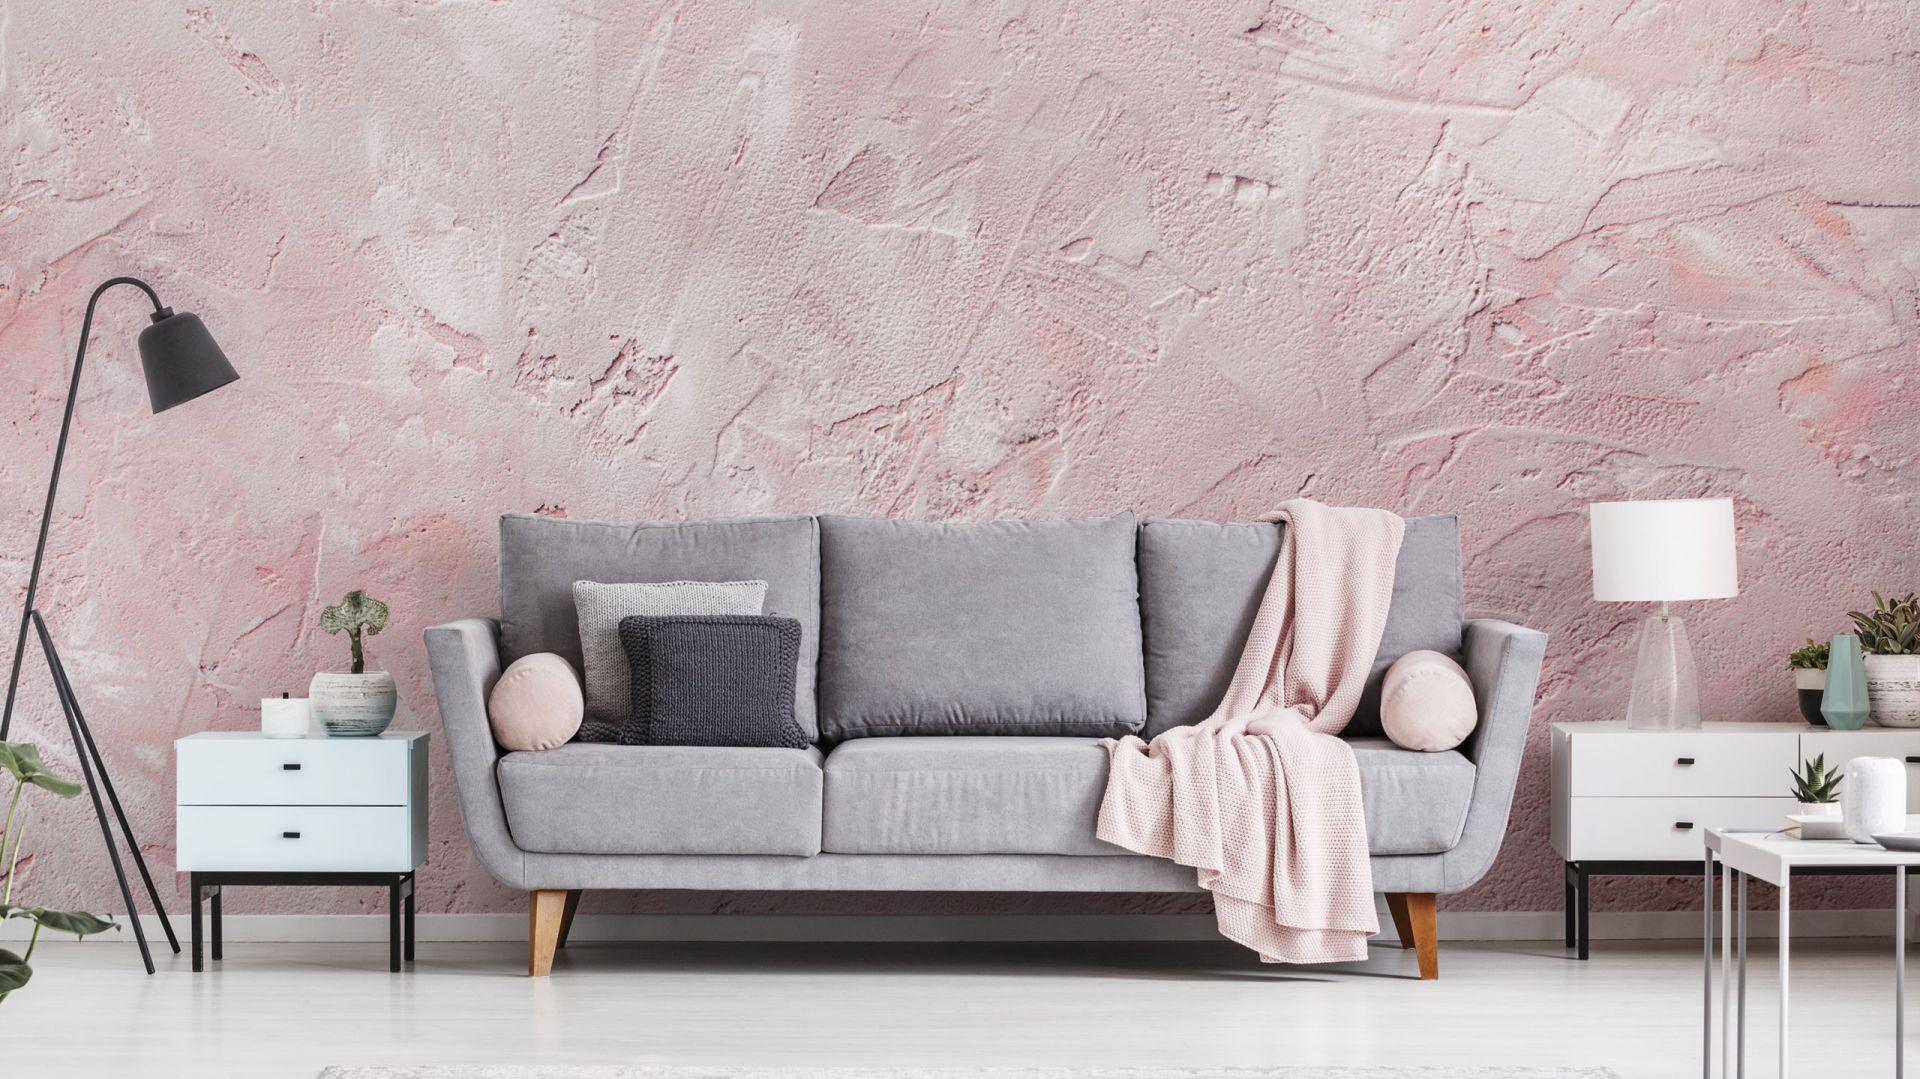 Fototapeta: imitacja muru w kolorze brudnego różu. Fot. Redro.pl